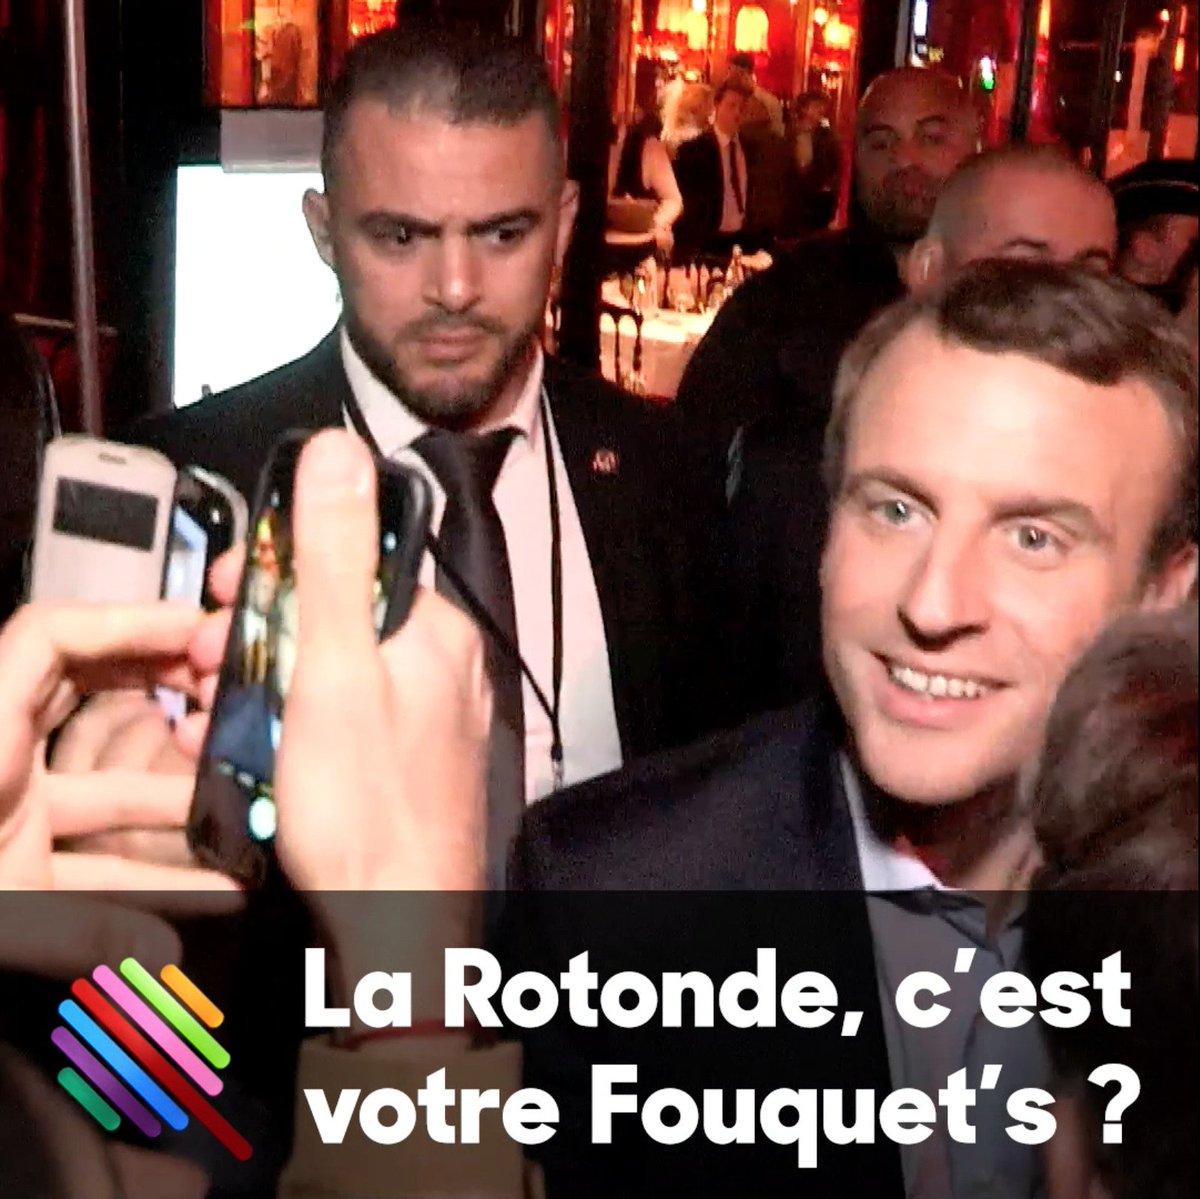 Ce soir, 19h20, #Quotidien : reportage 48 heures avec #Macron.  En voici le bouquet final #Rotonde    https://t.co/cMdmCSo8B1